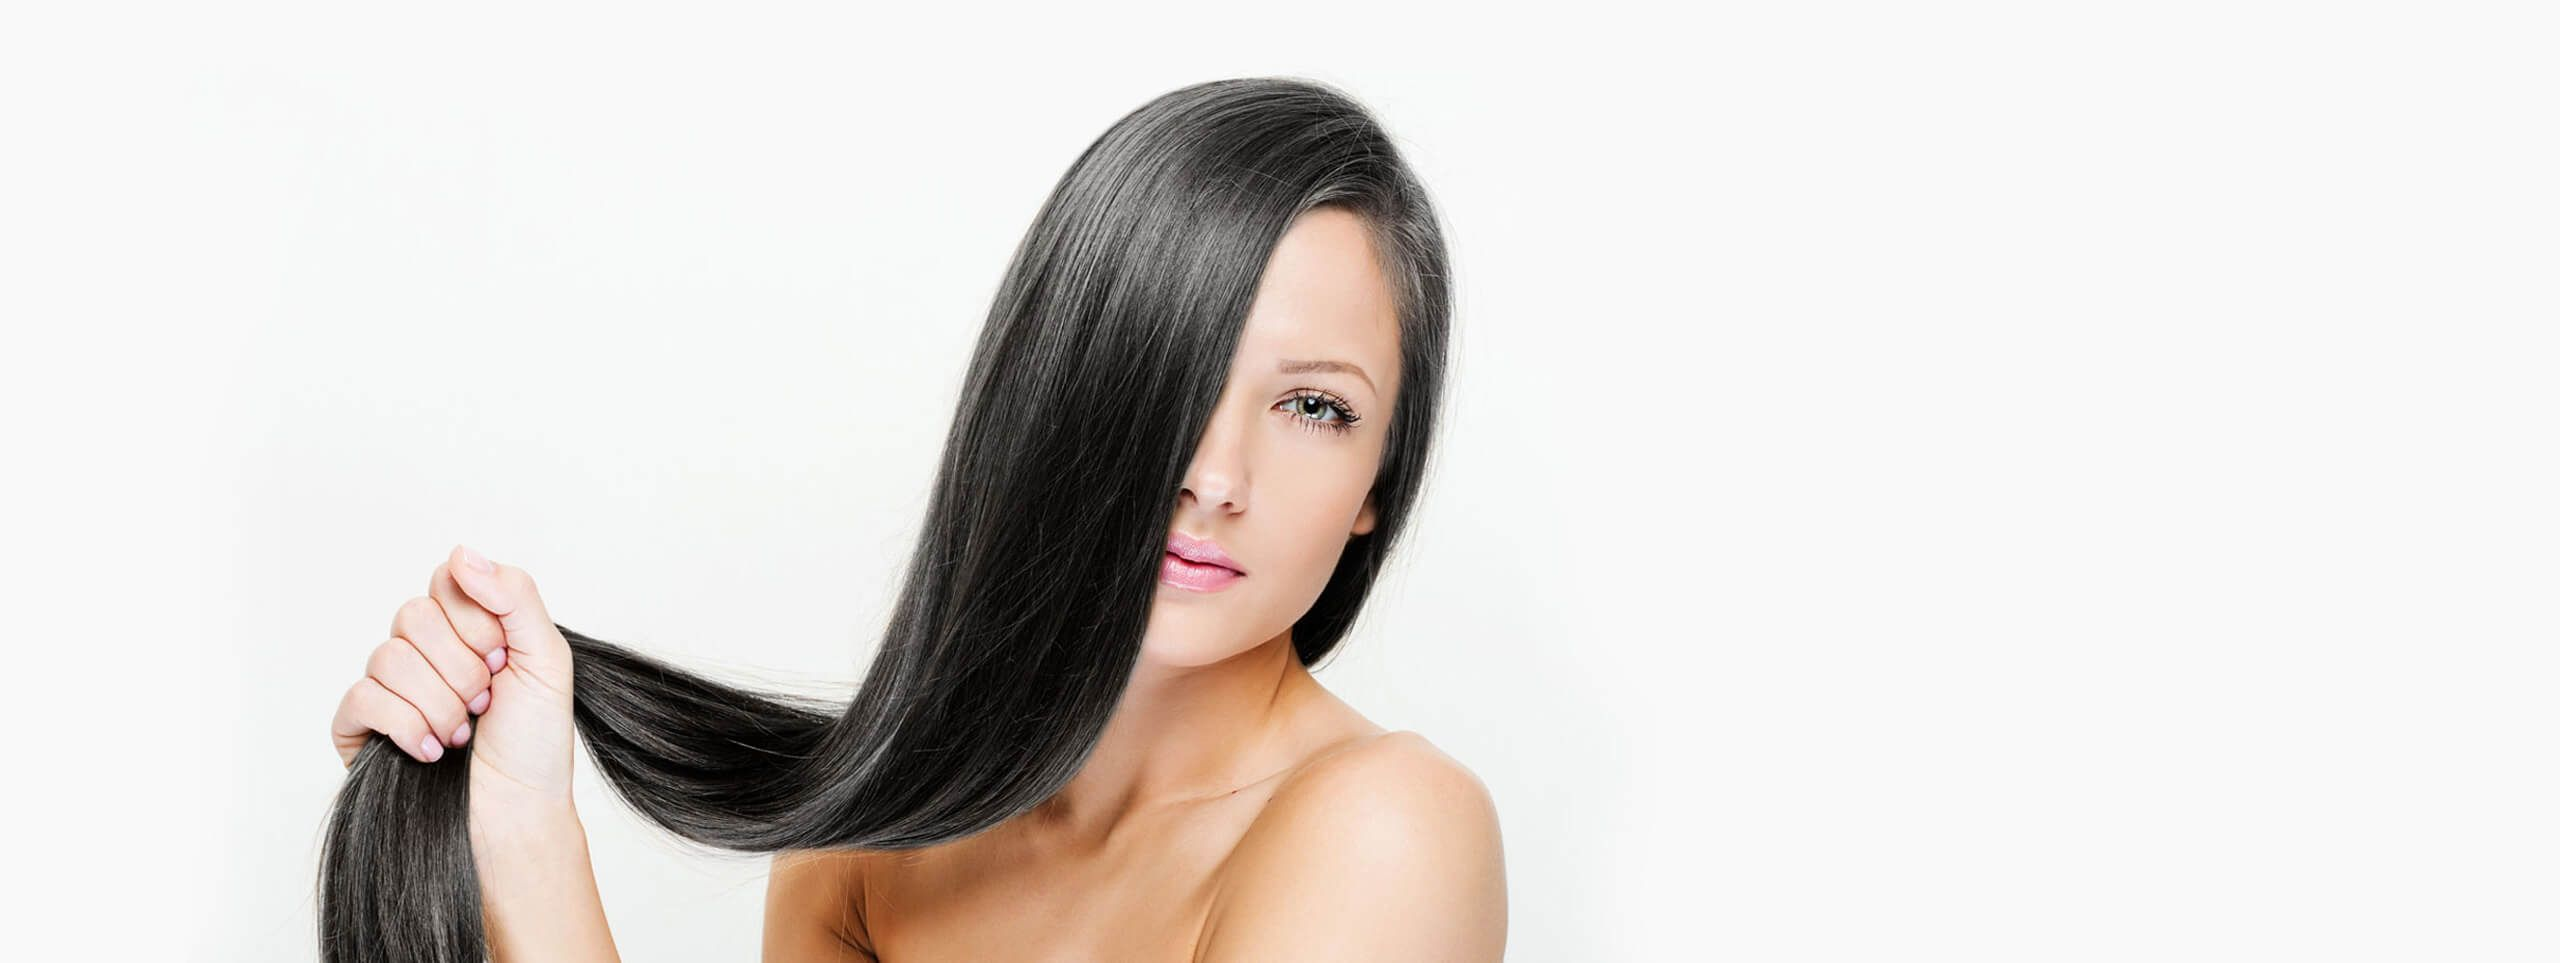 Темные волосы с первой сединой